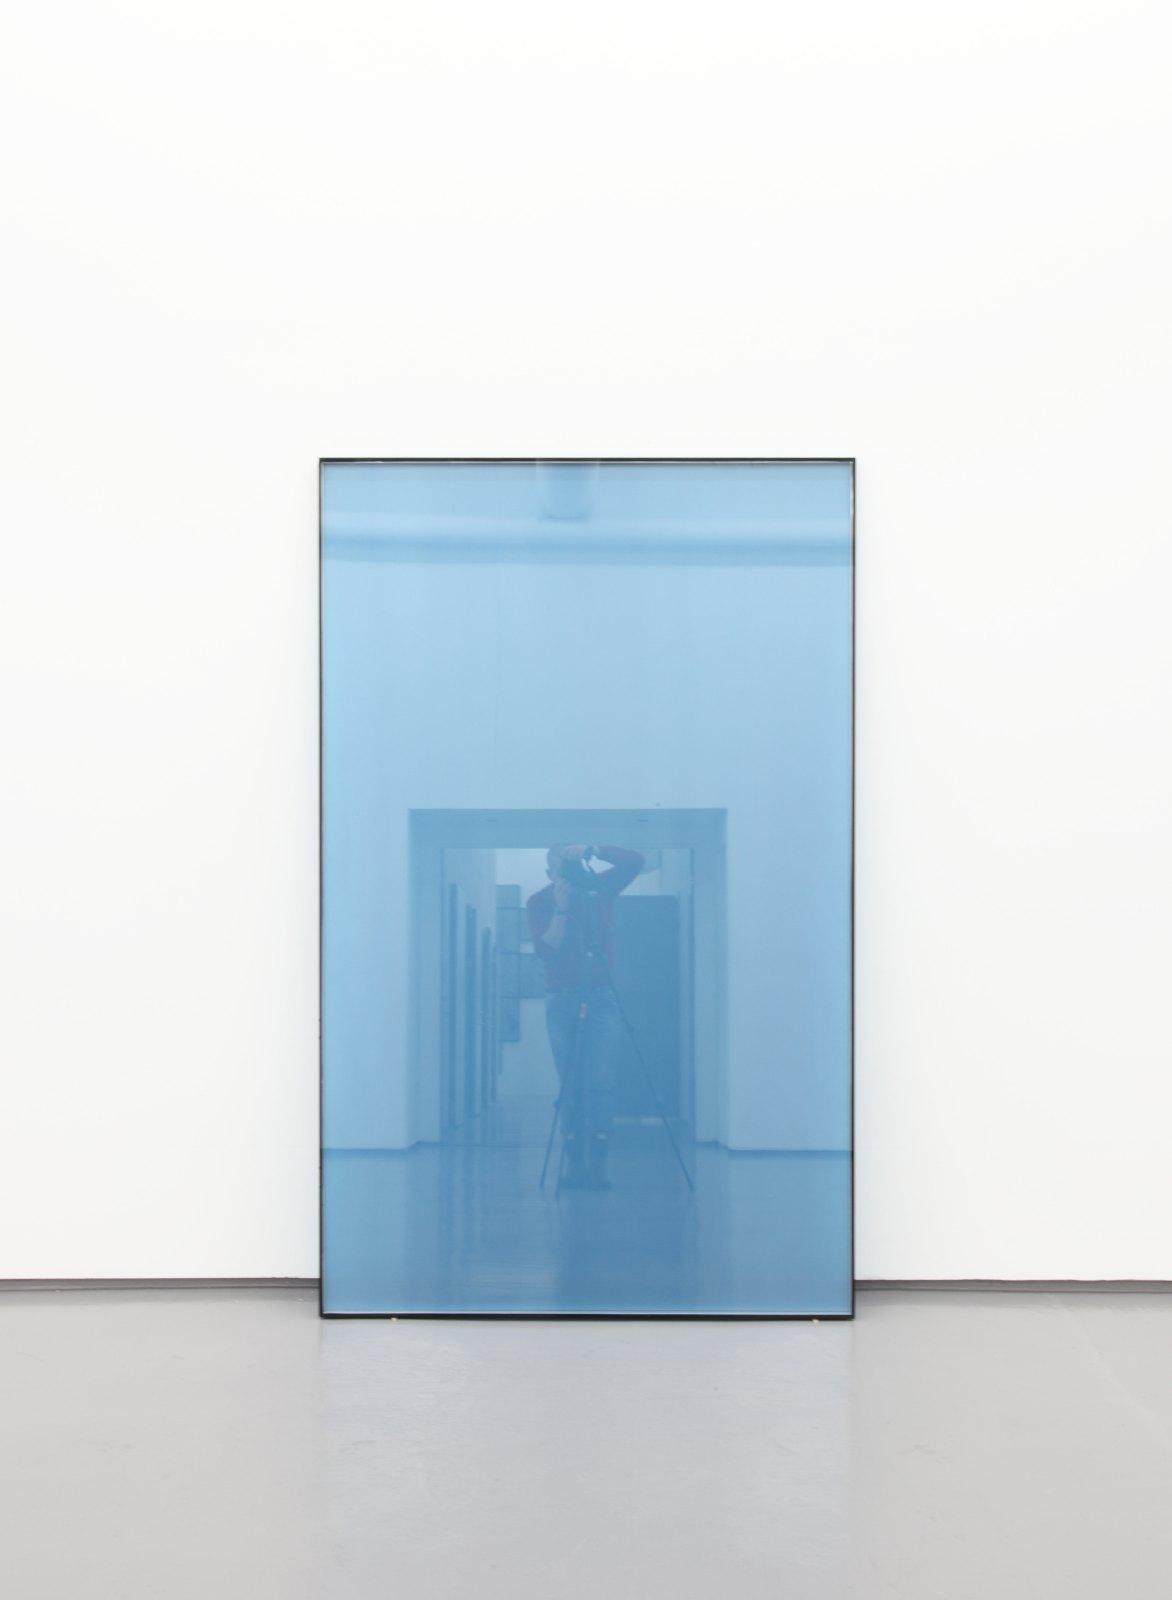 Kristján Gudmundsson, Metal Blue View, 1998-99/2009, Enamel on double insulate glass, 210 x 130 cm